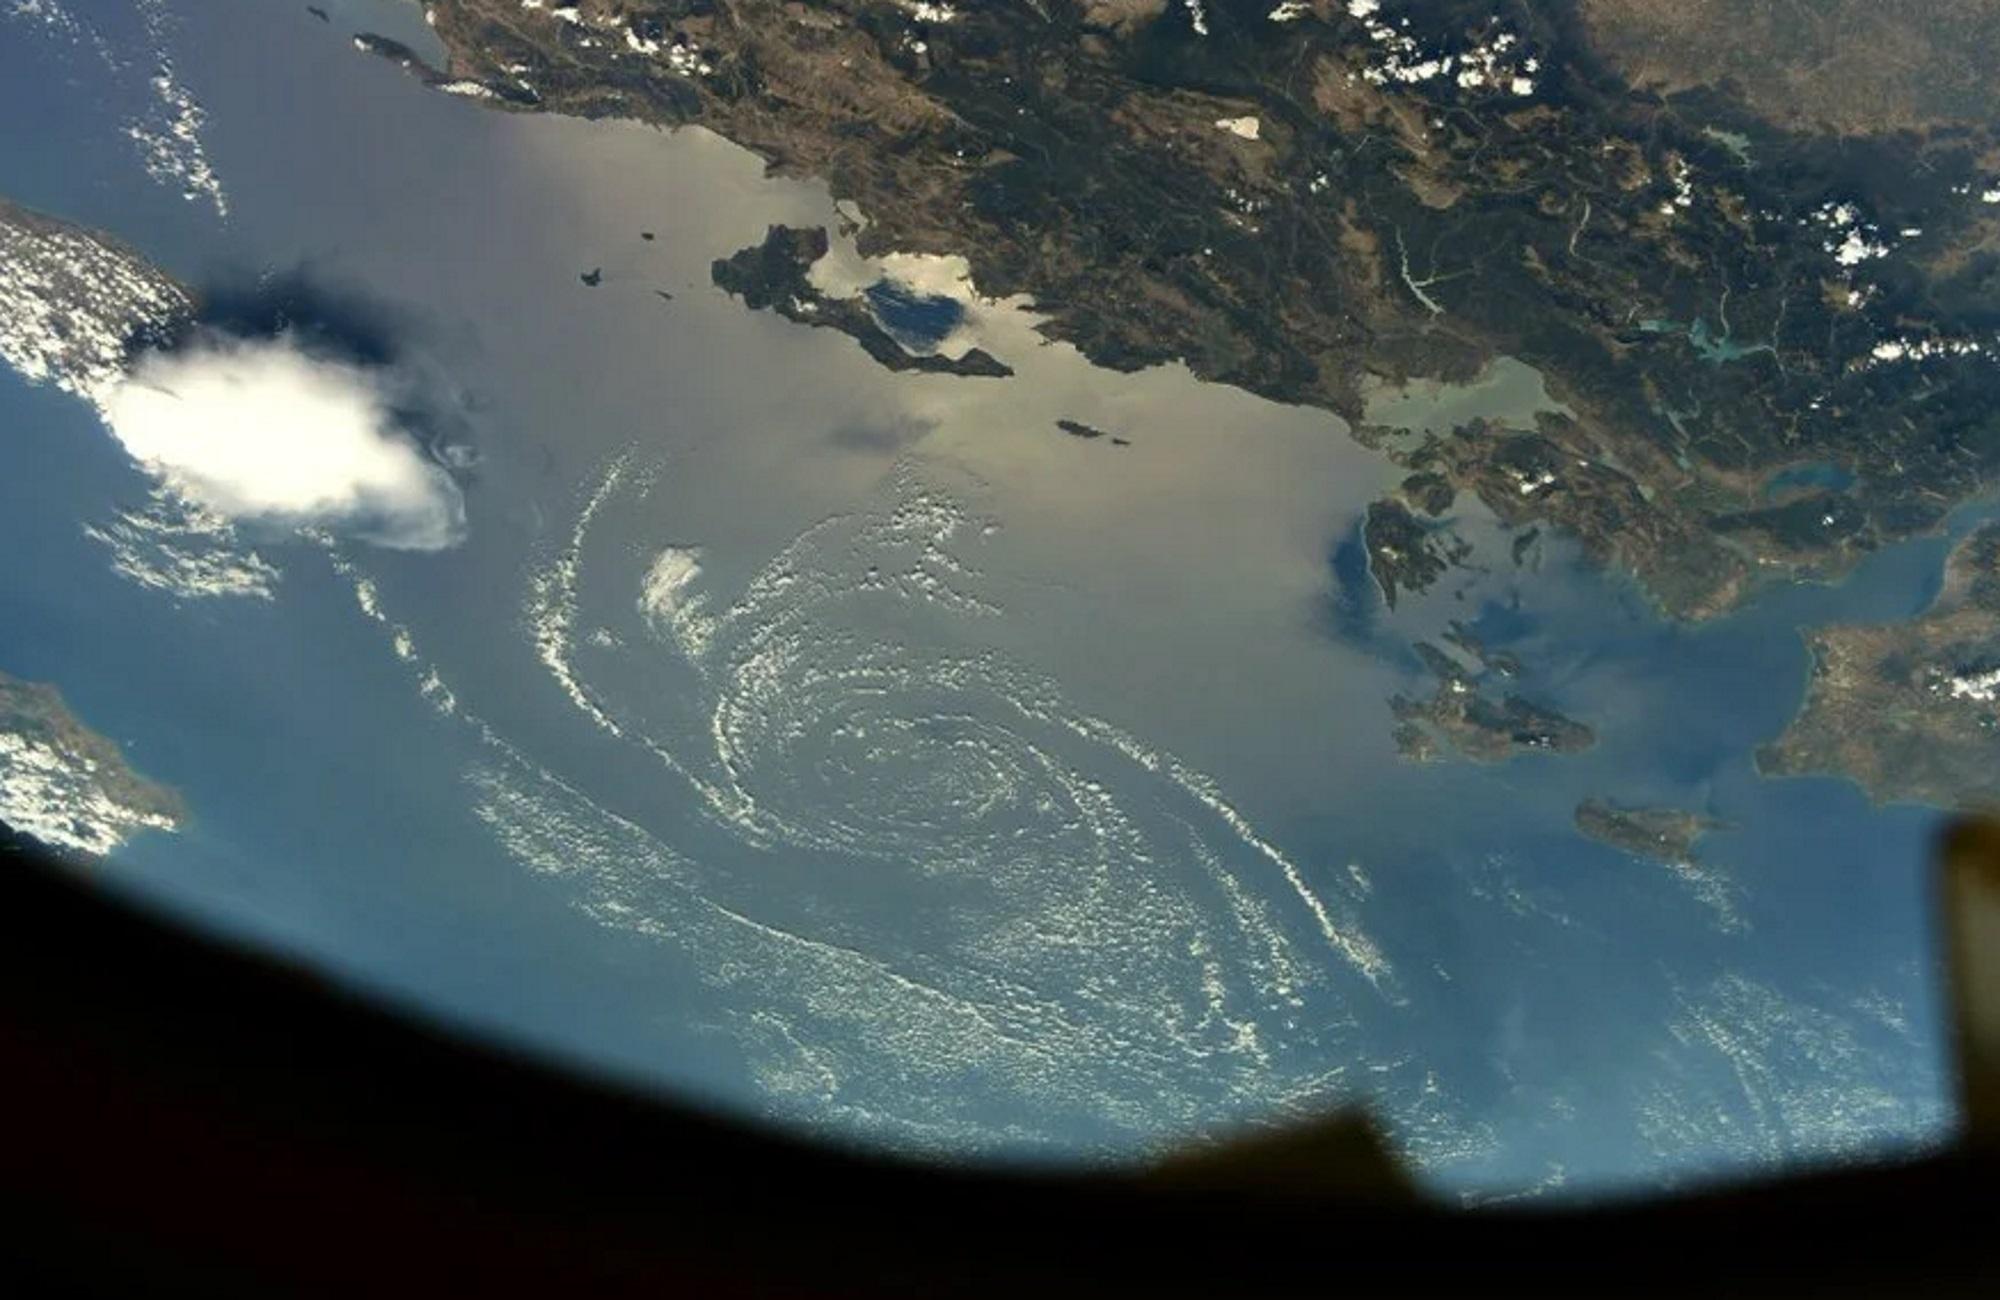 Κέρκυρα: Δείτε τη φωτογραφία από το διάστημα που καθηλώνει – Το σχόλιο που έκανε ο αστροναύτης